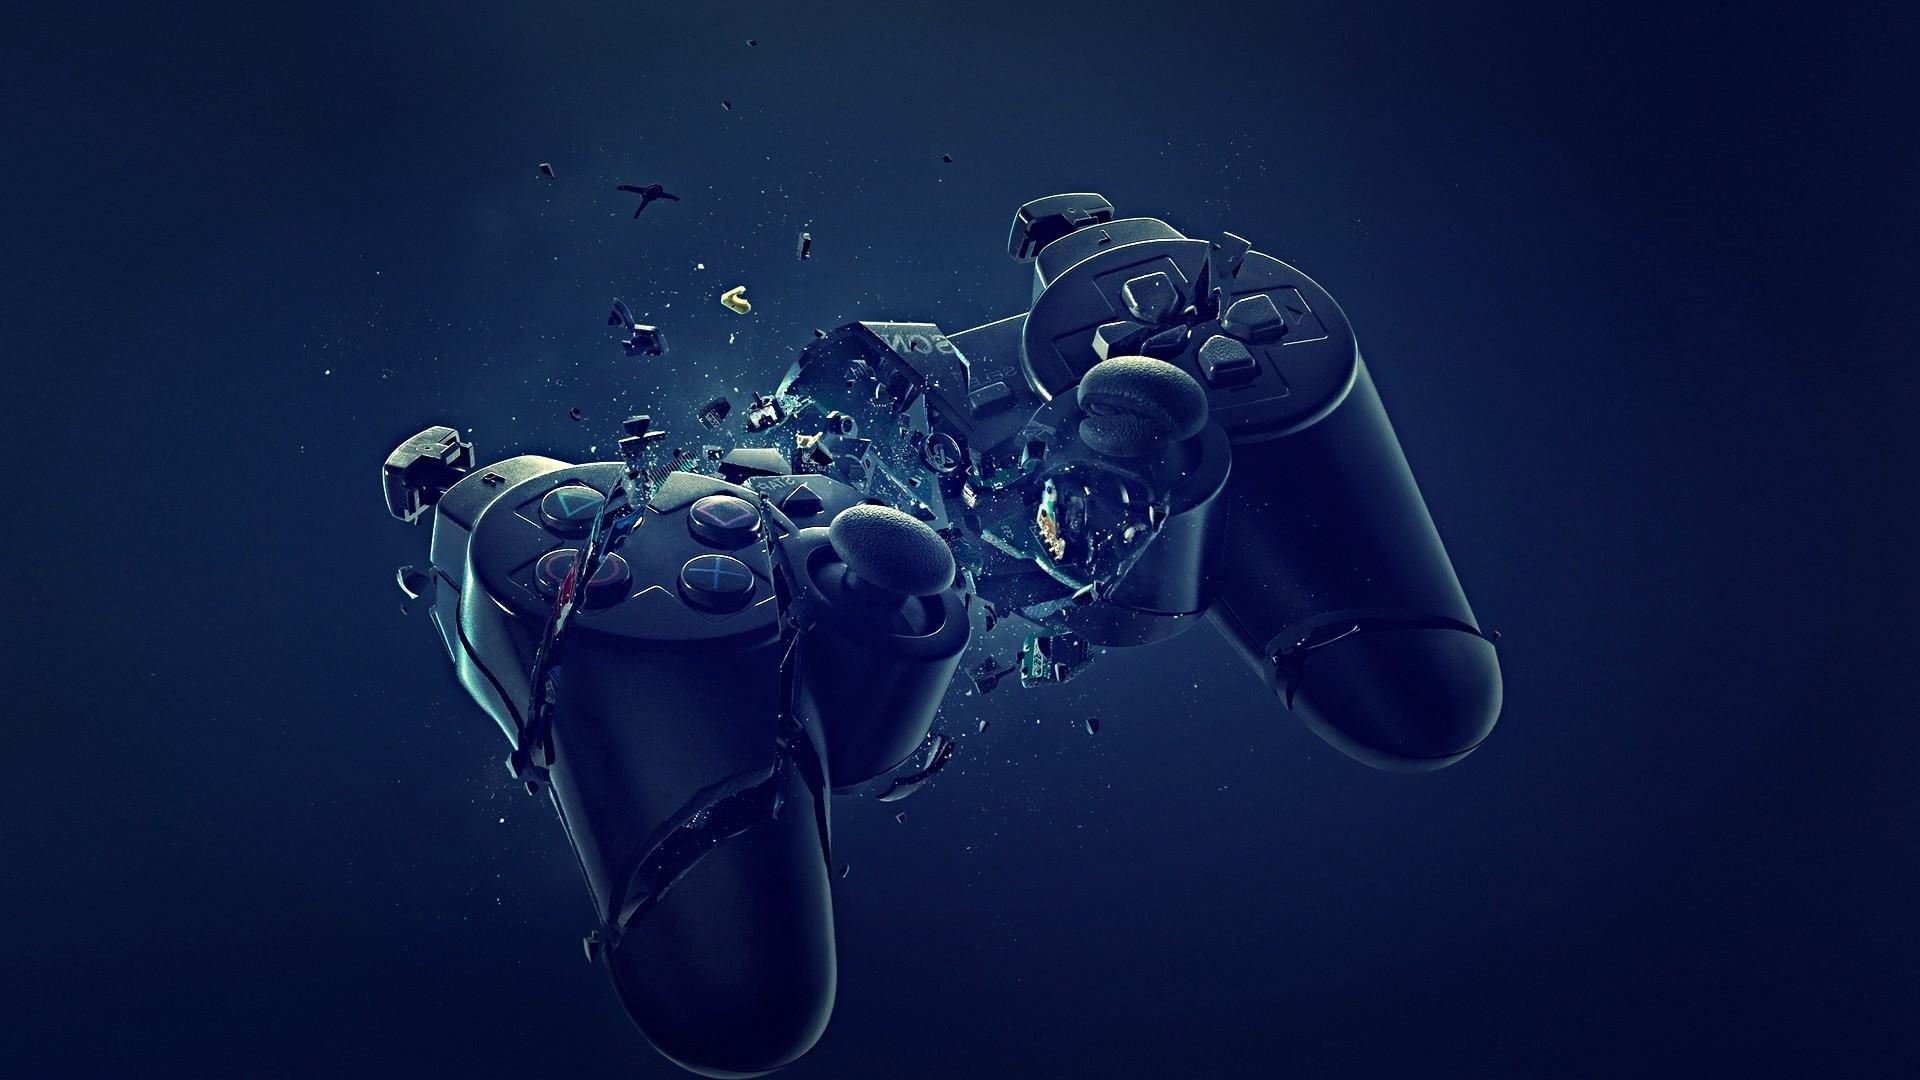 Gamer Thug Controller Hd Wallpapers: Abstract Blue Black Dark Broken PlayStation Joysticks